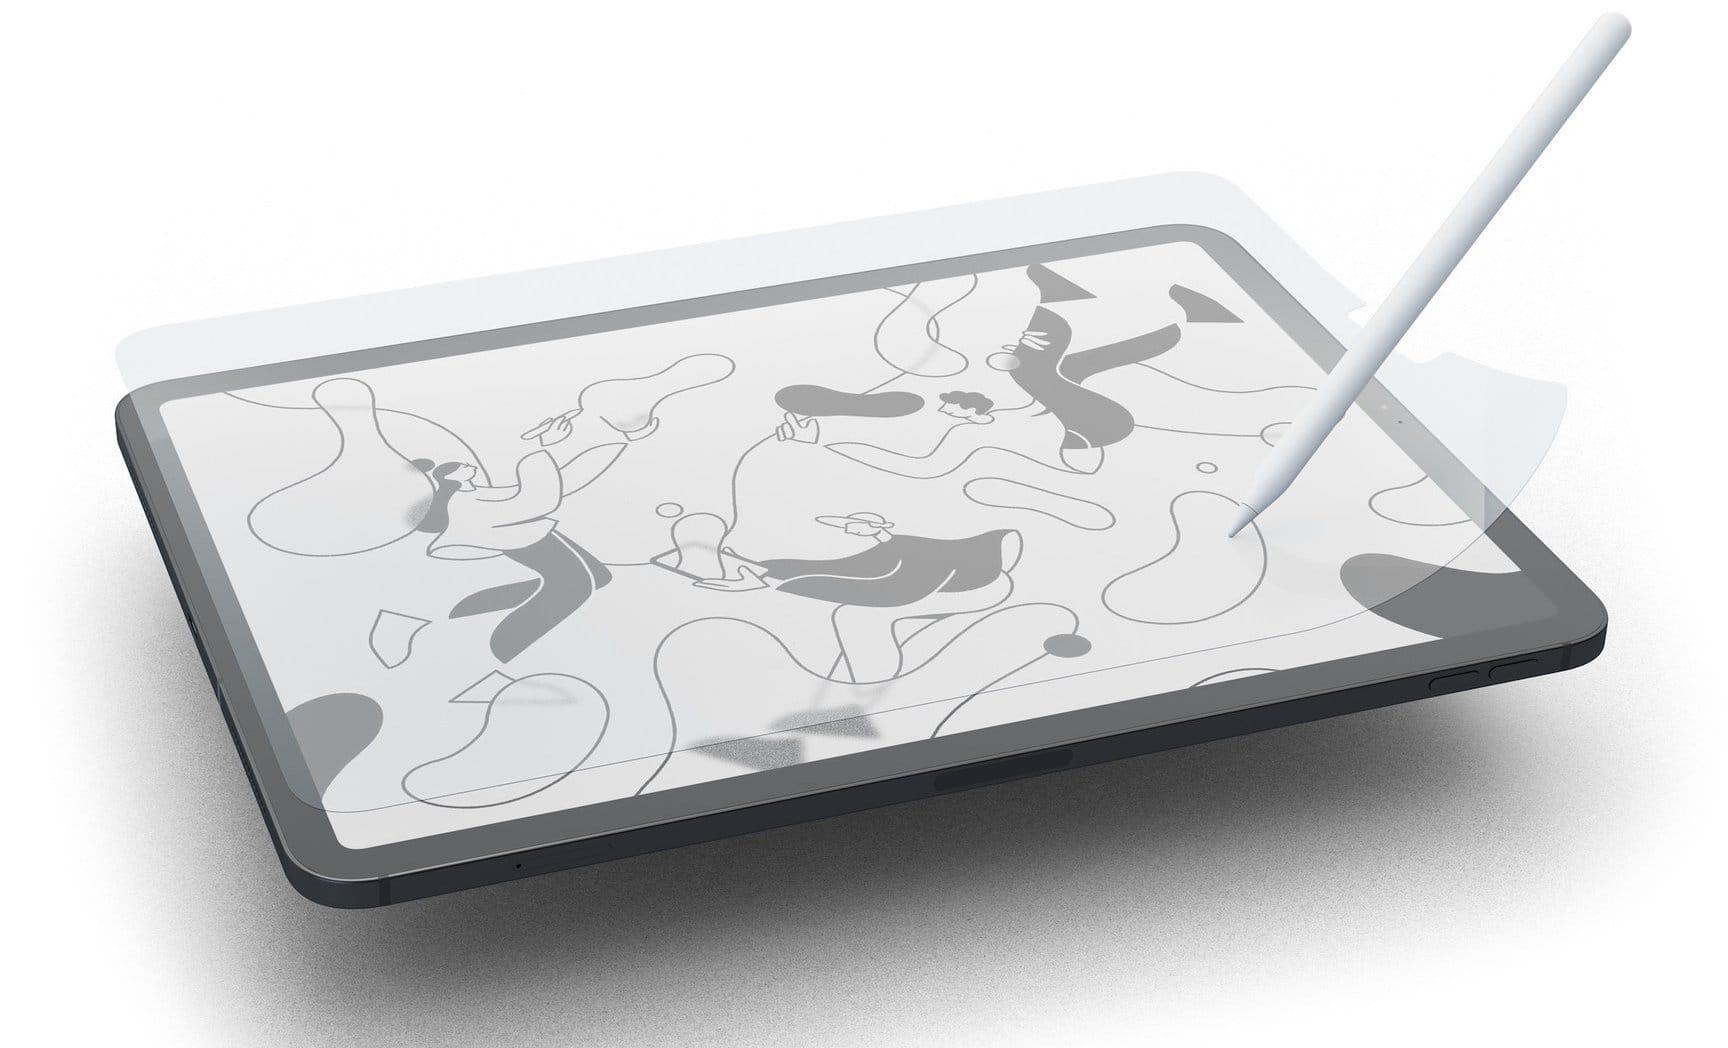 紙のような描き心地のiPad Pro/iPad用フィルム「Paplerlike」発売